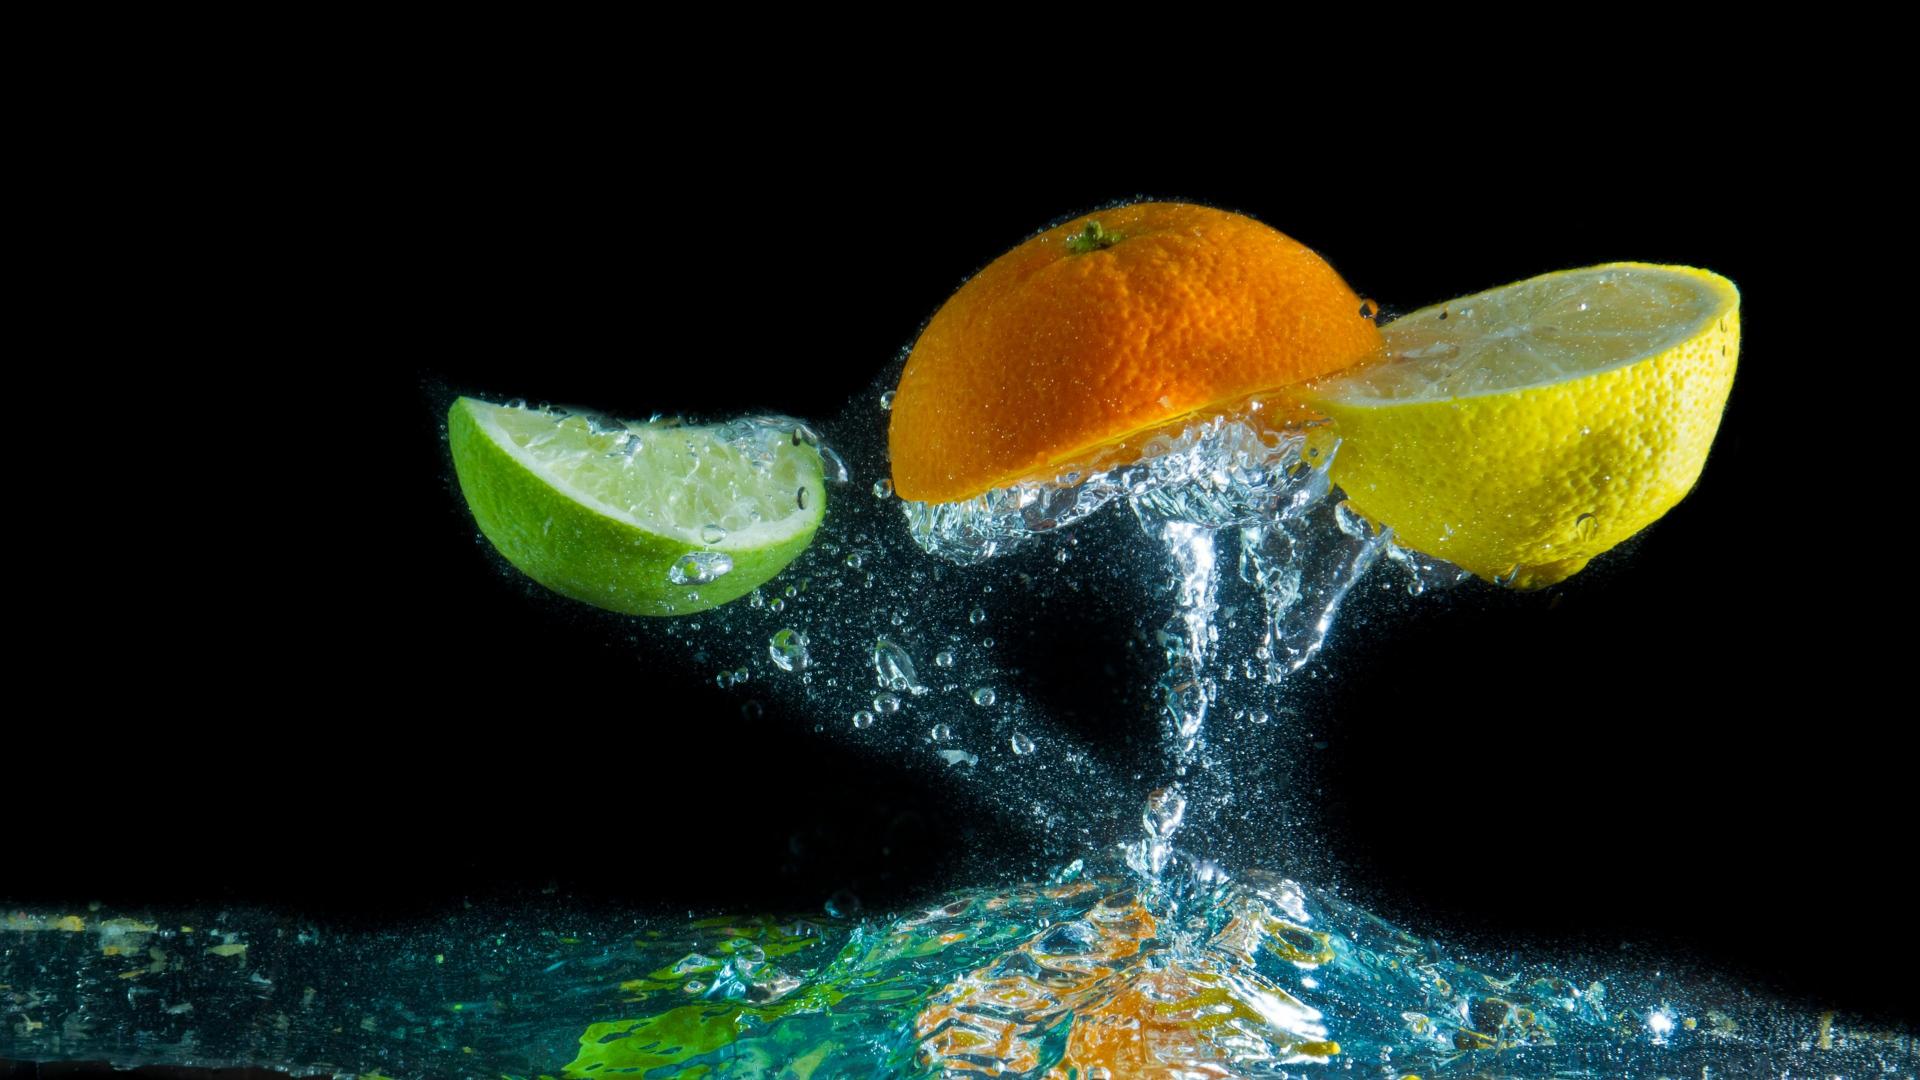 Fond d 39 cran l 39 eau hd - Water wallpaper hd download ...